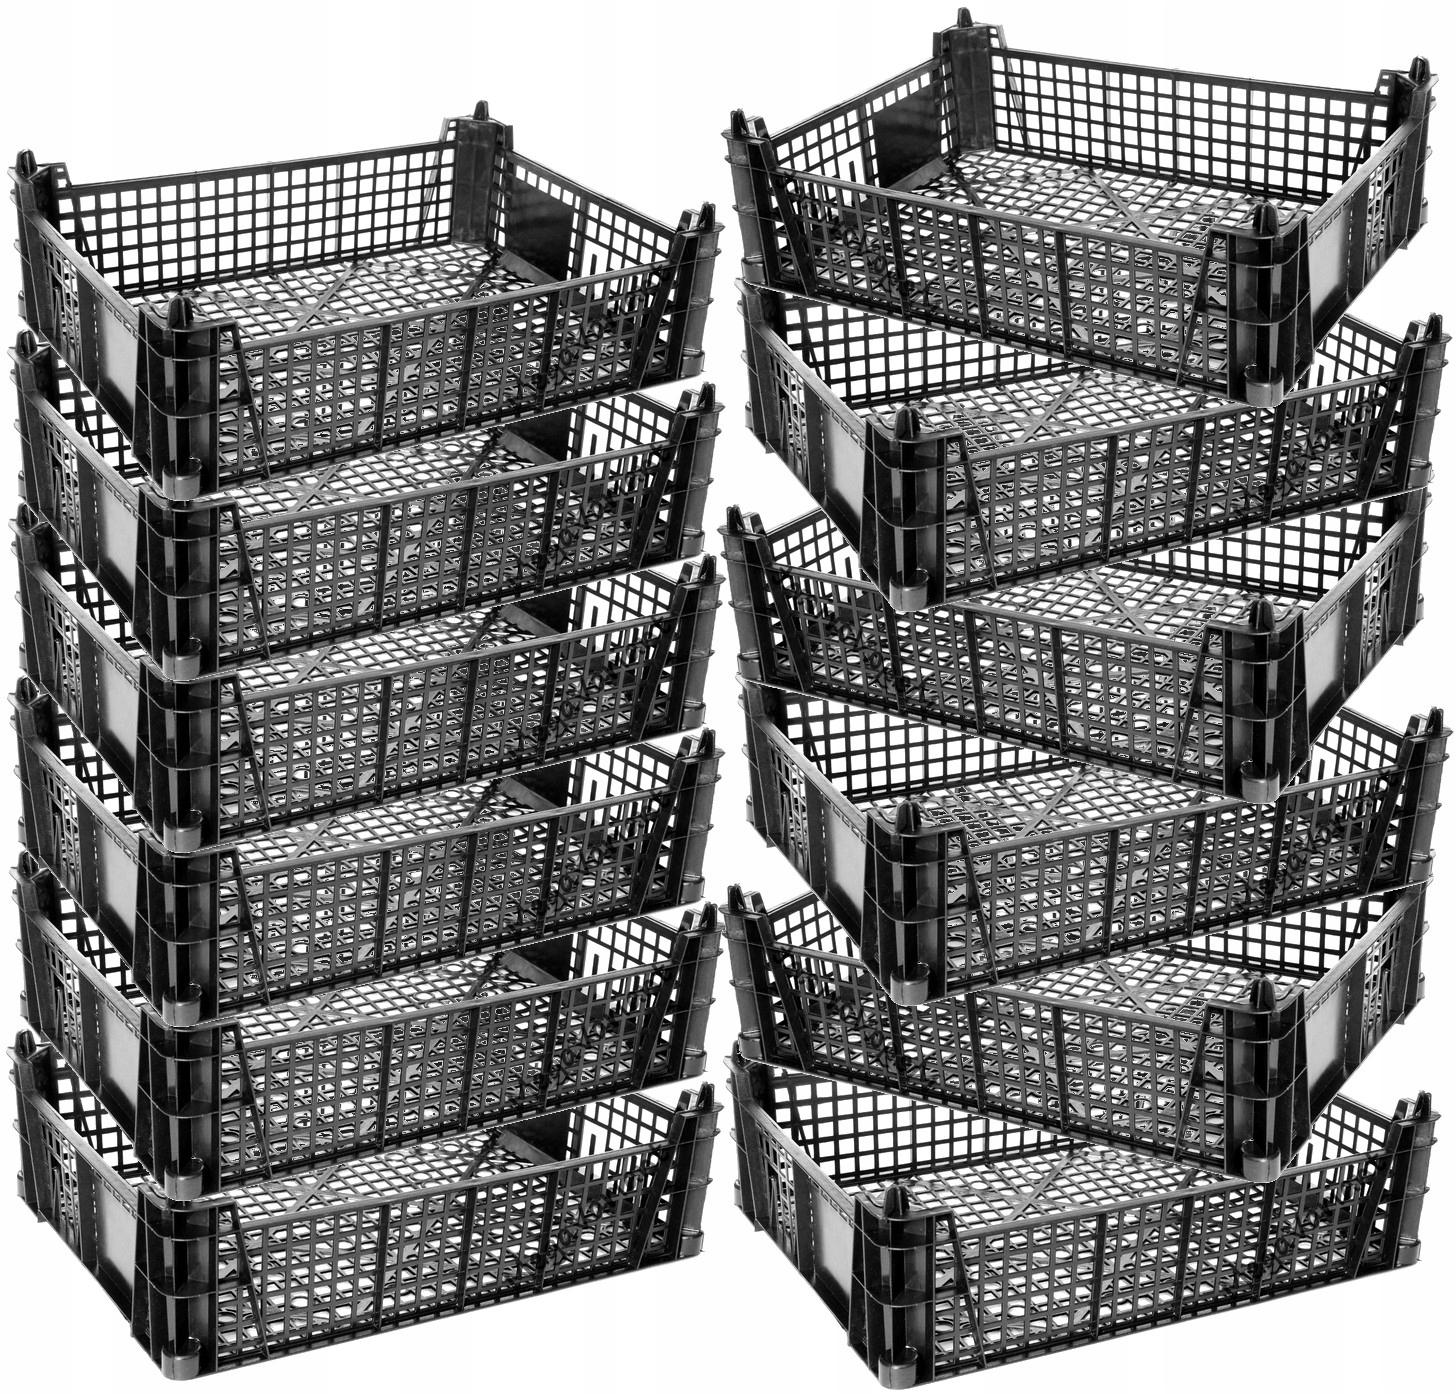 12 sztuk SKRZYNKA POJEMNIK PLASTIKOWY KOSZ KOSZYK